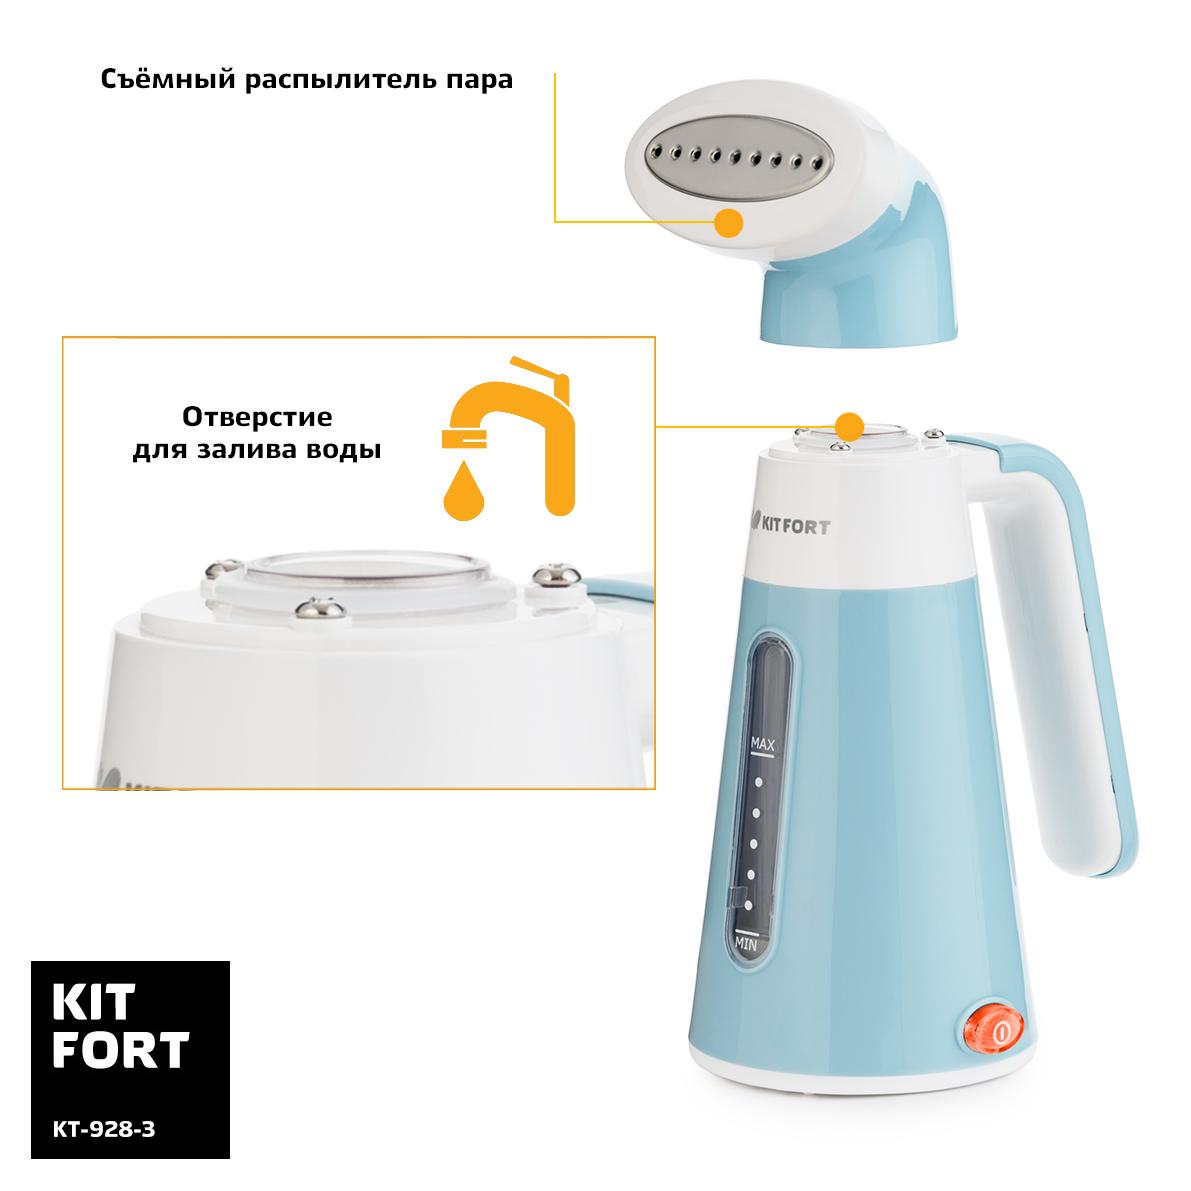 Отпариватель ручной Kitfort КТ-928-3, цвет: бирюзовый Kitfort